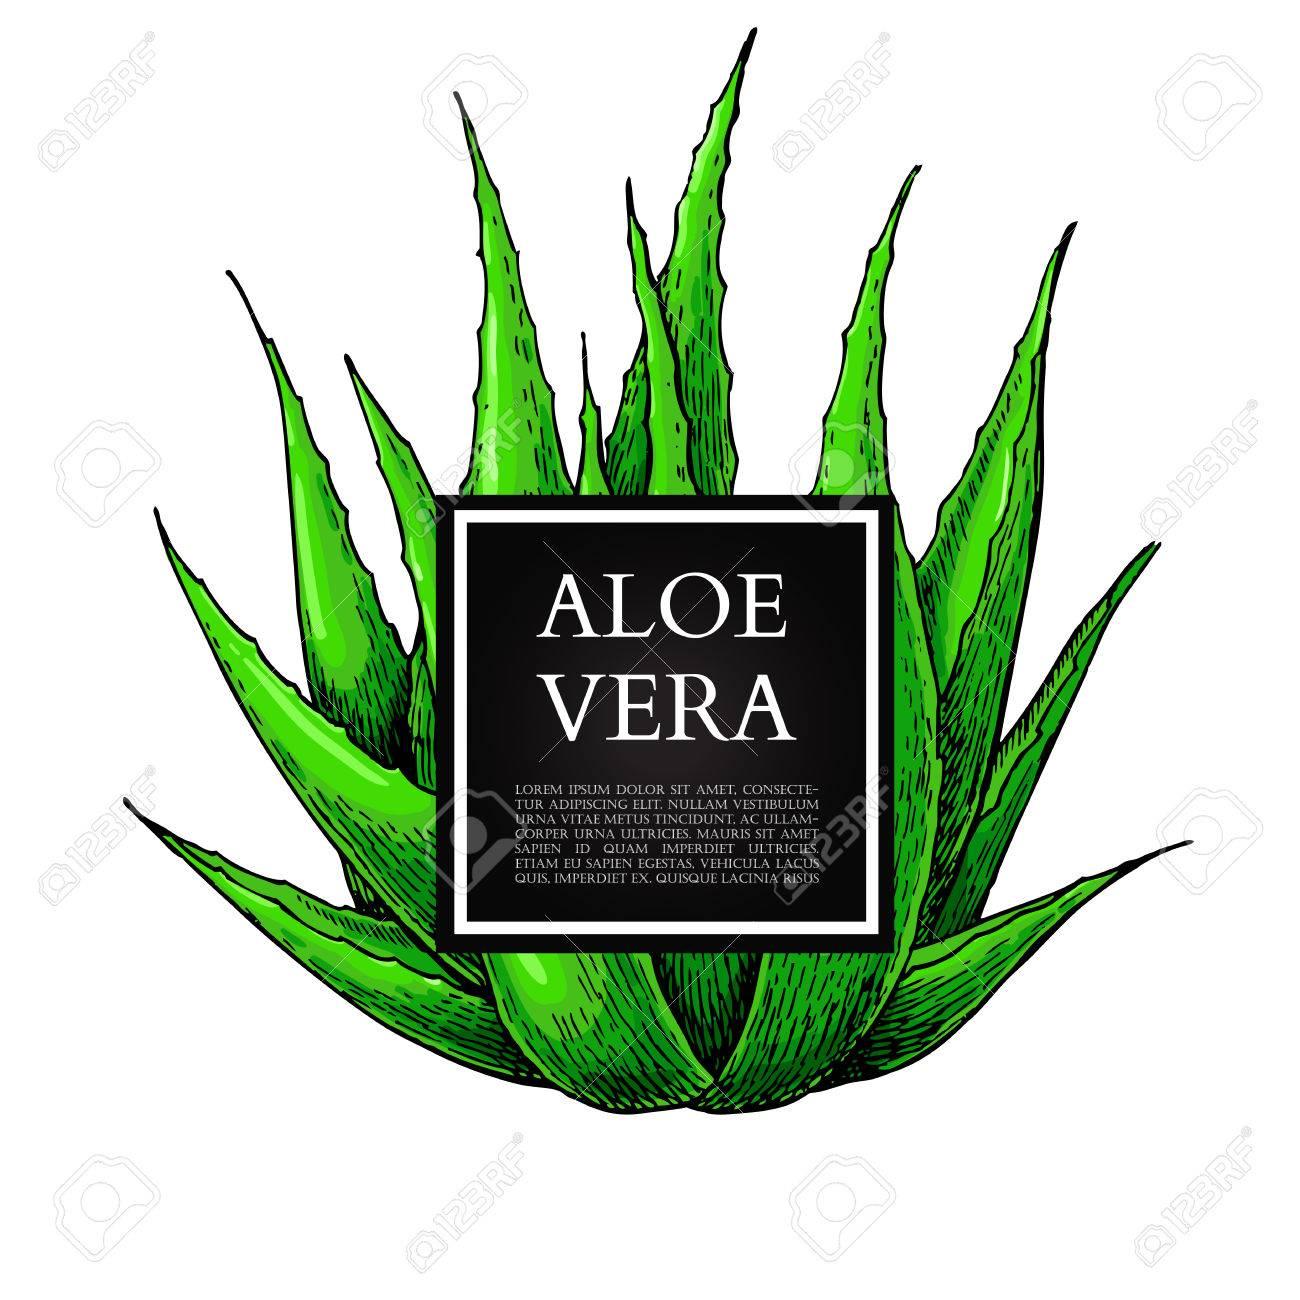 Aloe Vera Illustration Vectorielle Avec Cadre Objet Dessiné à La Main Artistique Isolé Sur Fond Blanc Ingrédient Cosmétique Naturel Dessin